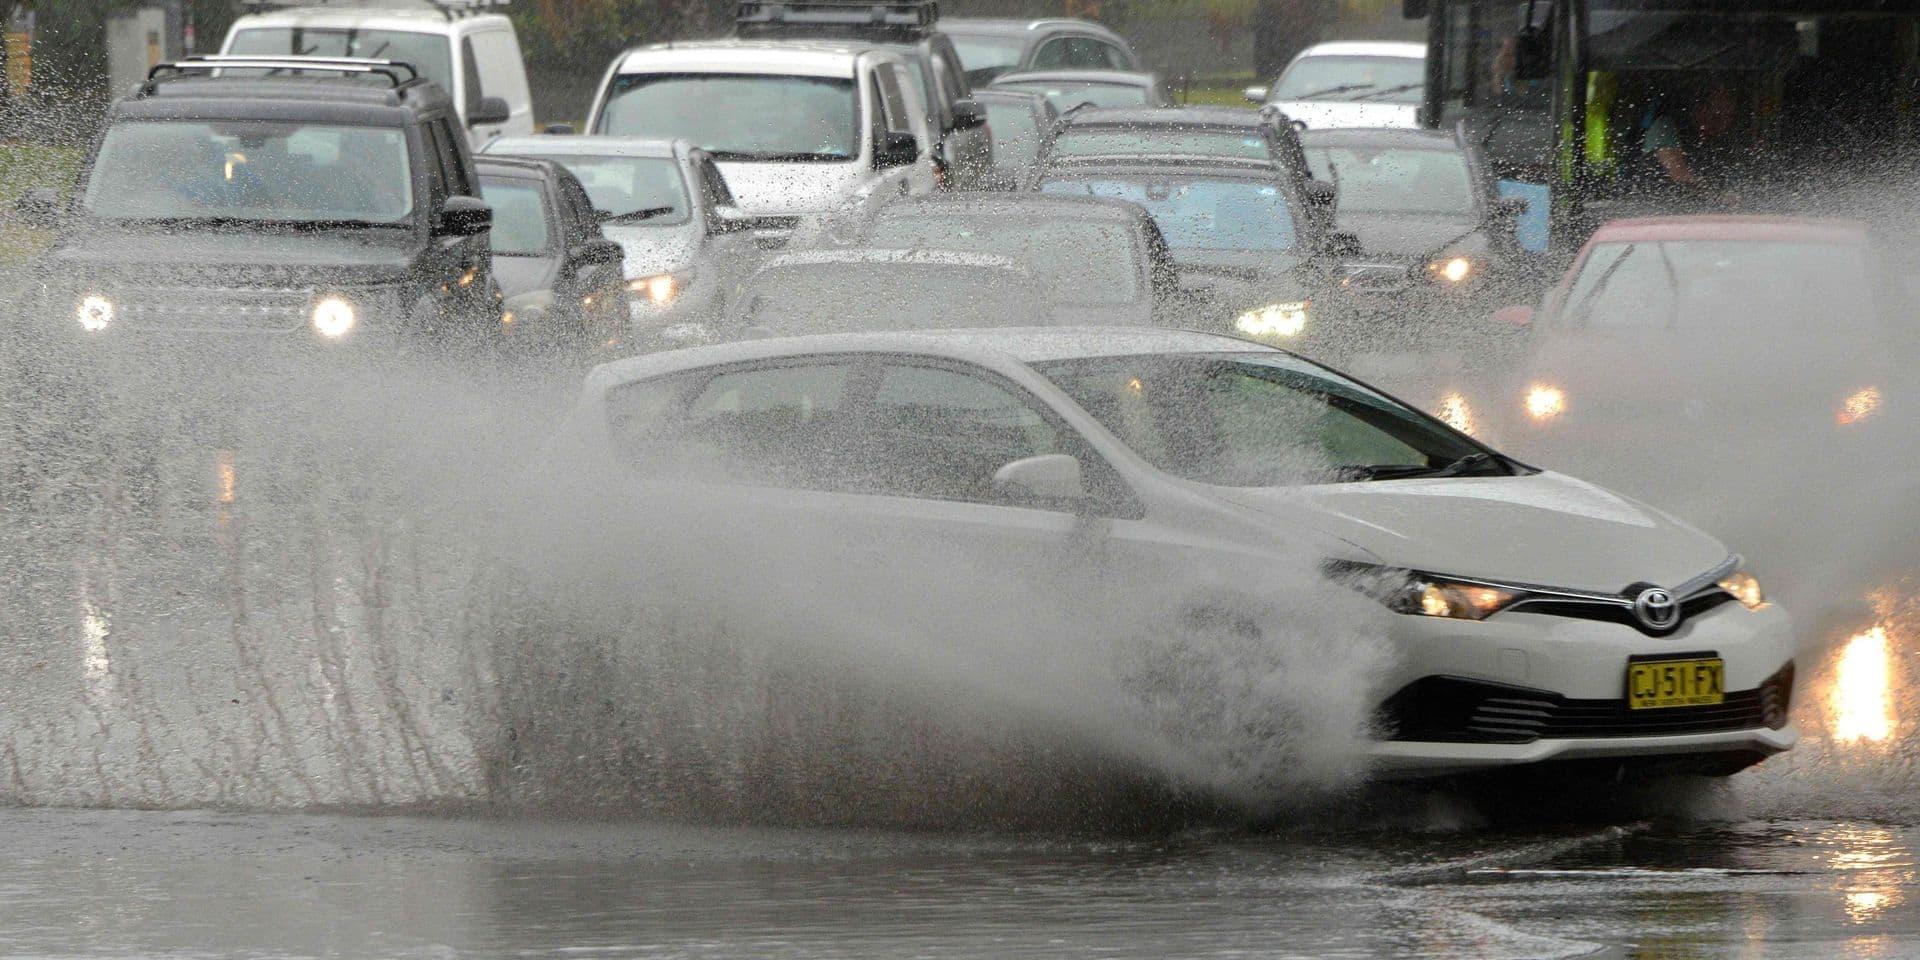 Déluge à Sydney, avec l'équivalent d'un mois de pluie en quelques heures